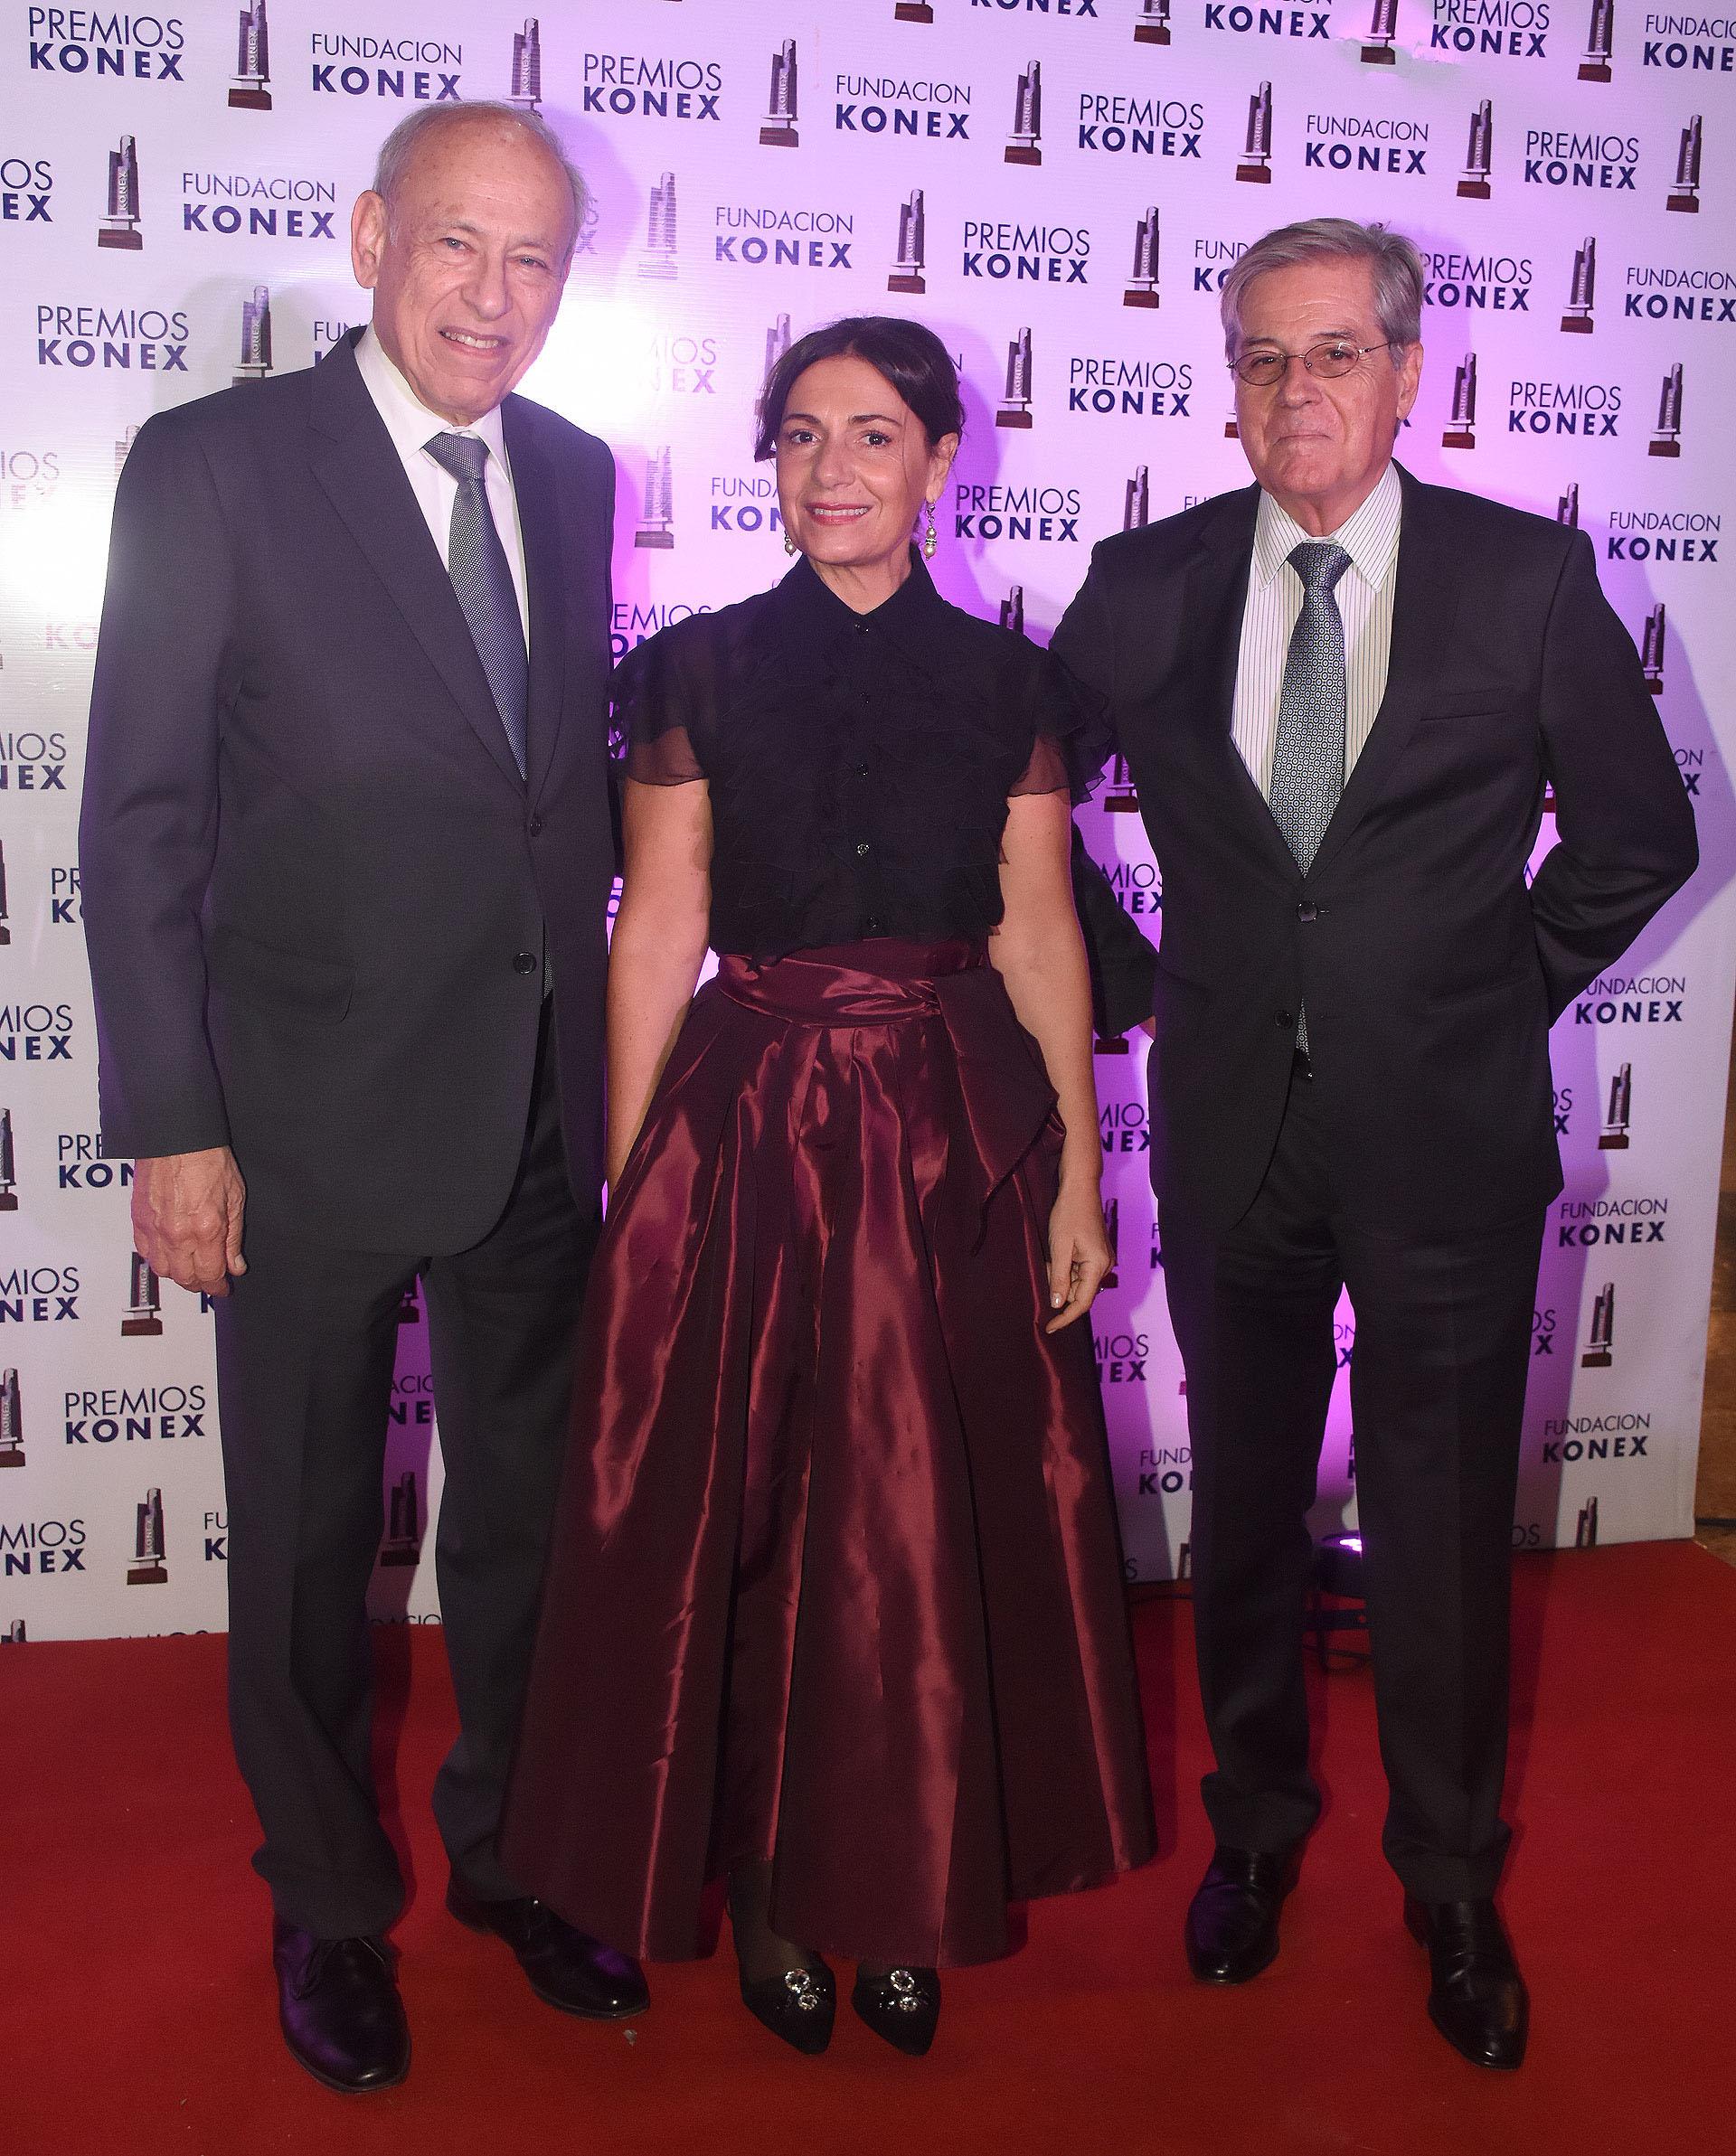 El presidente de los premios Konex Luis Ovsejevich junto a Verónica Cangemi, ganadora del premio Konex por cantante femenina y Luis Alberto Erize